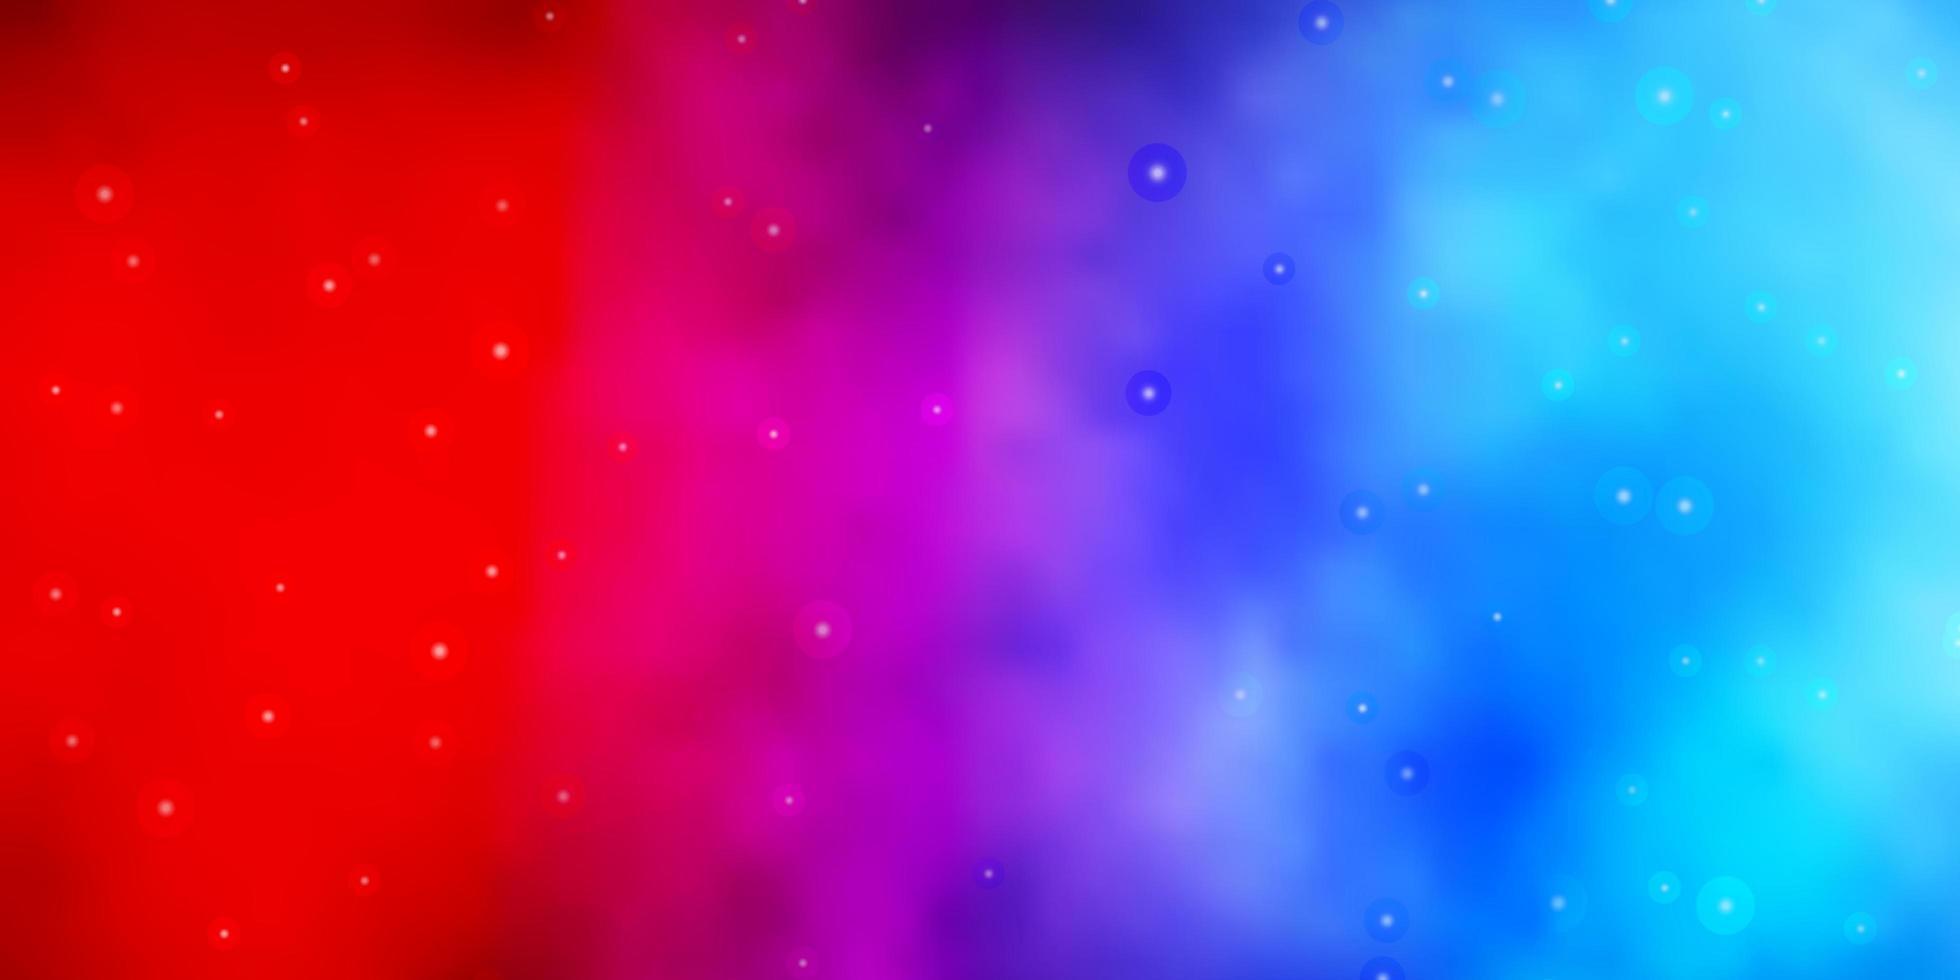 textura azul y roja con hermosas estrellas. vector